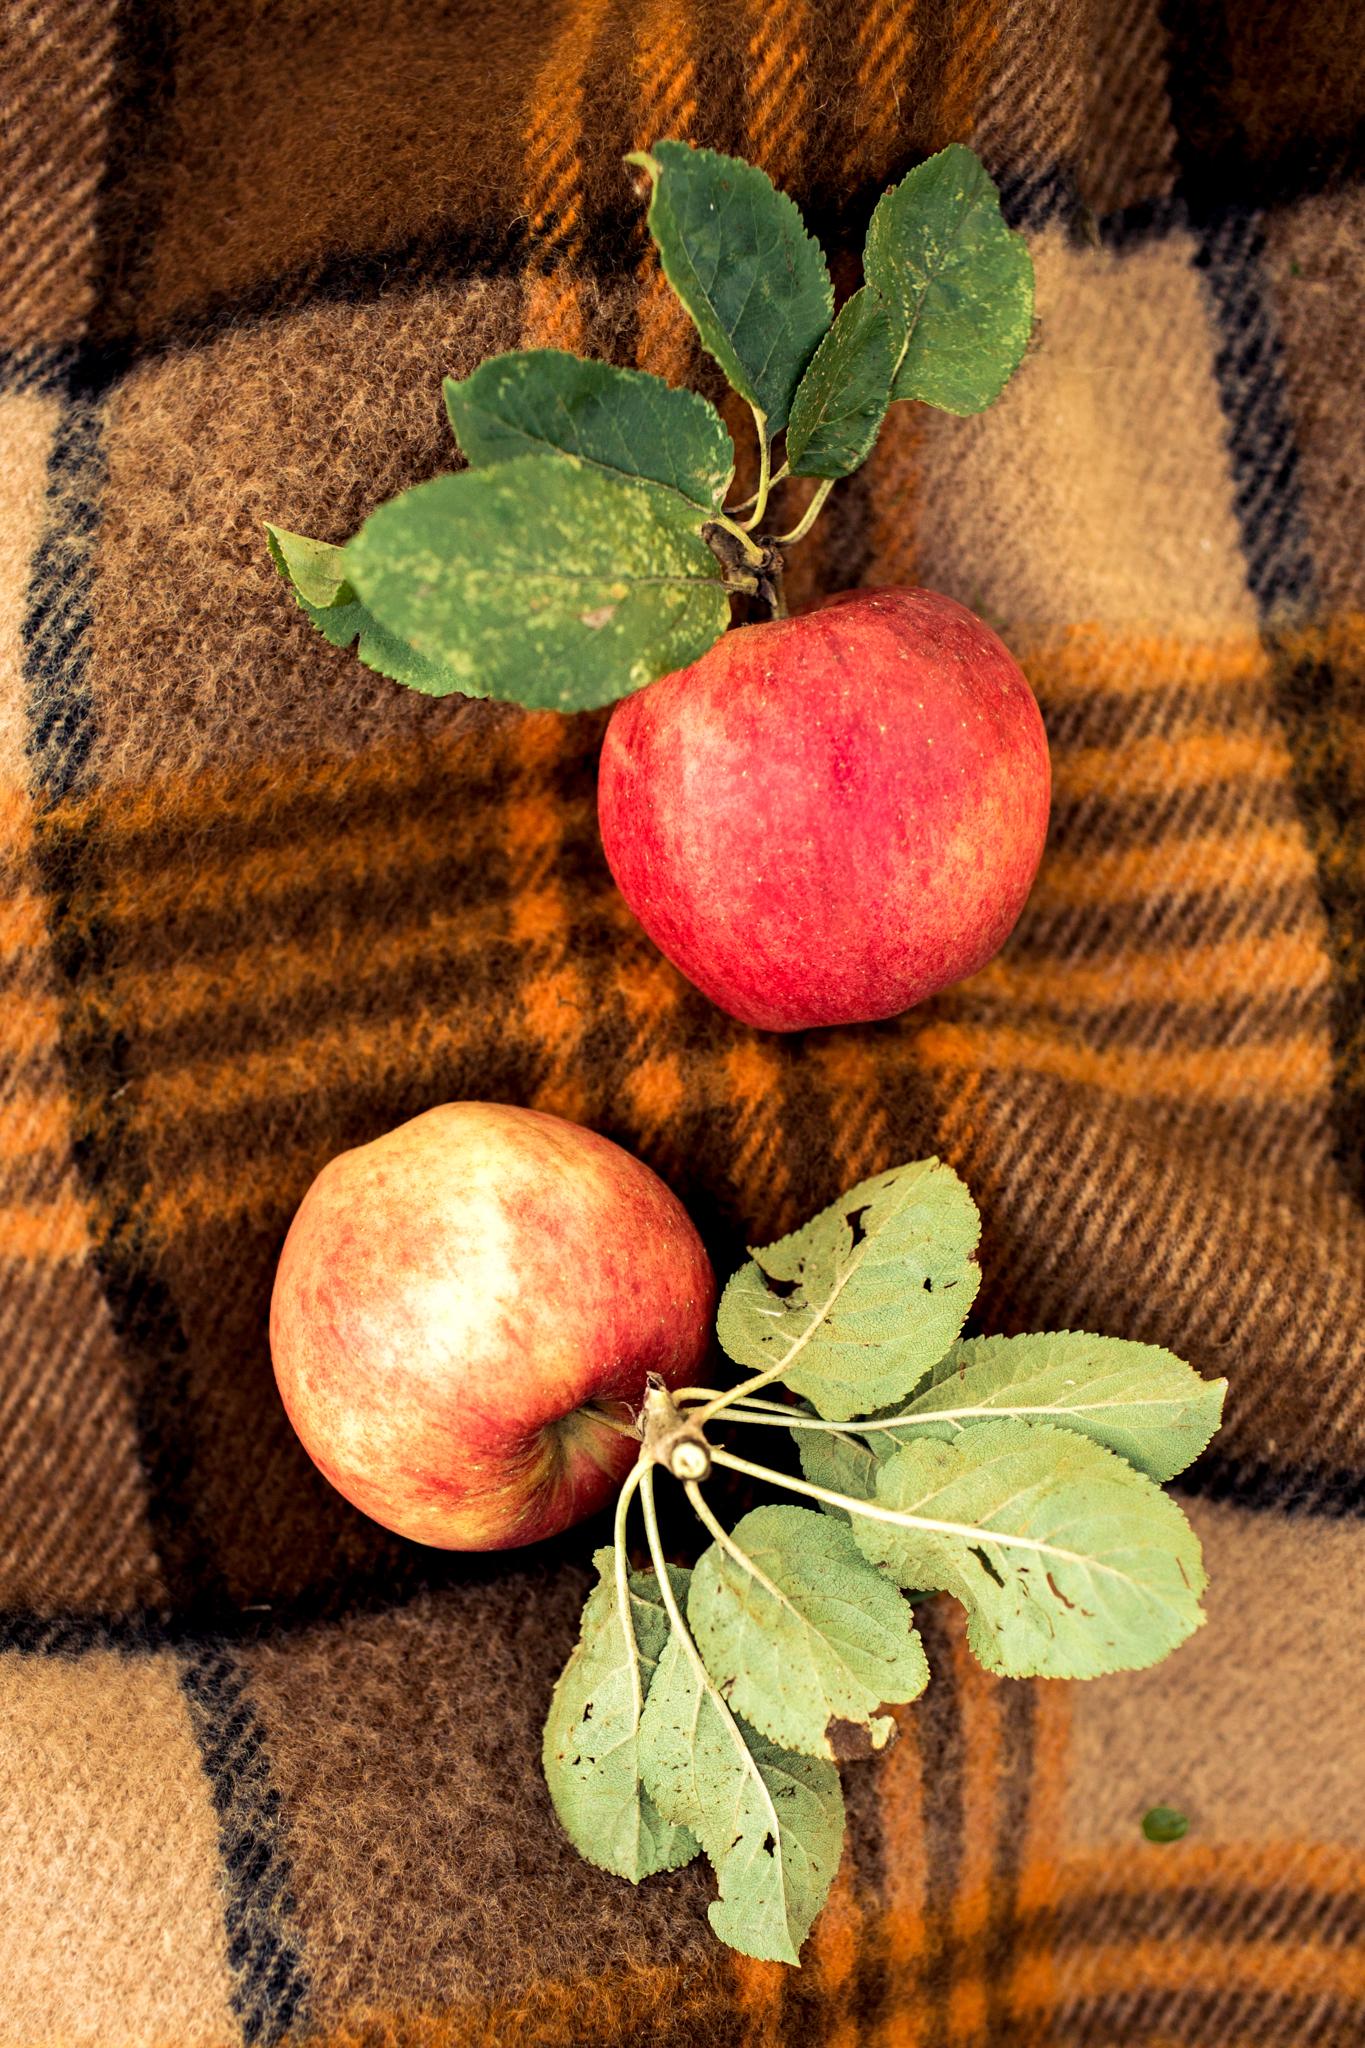 Fruittuin-van-West-Fotoshoot.jpg